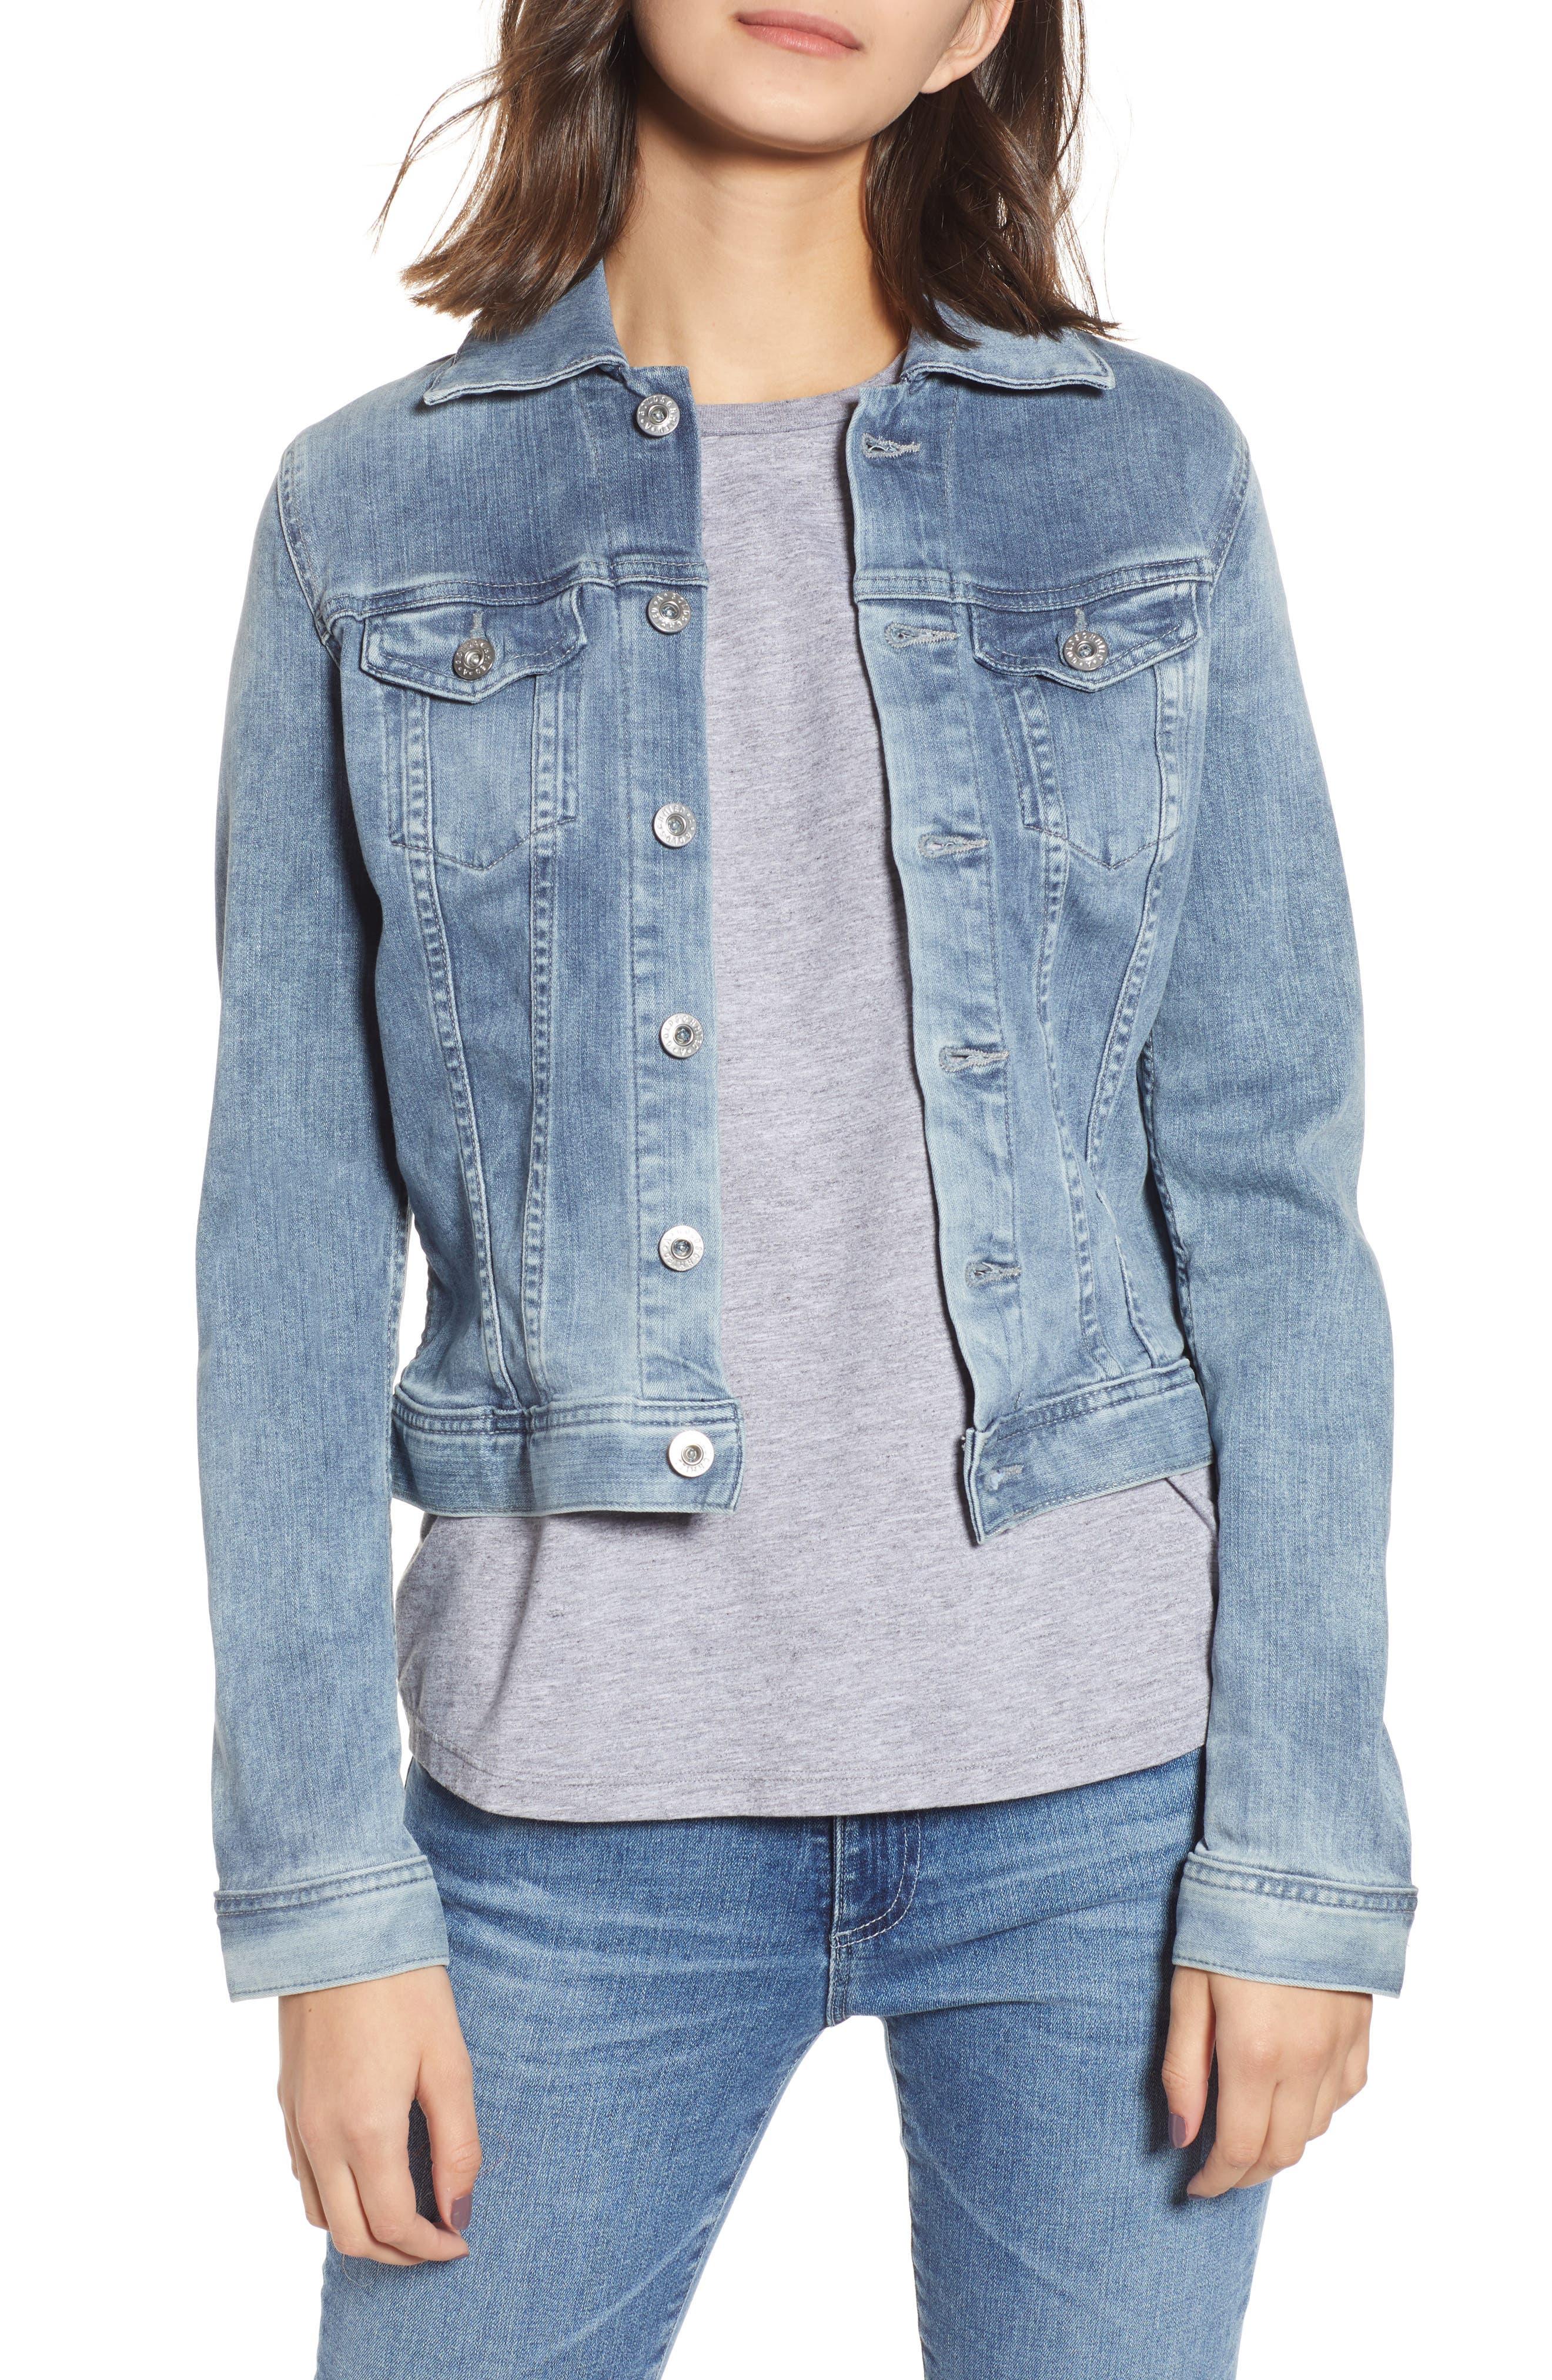 AG 'Robyn' Denim Jacket, Main, color, 439